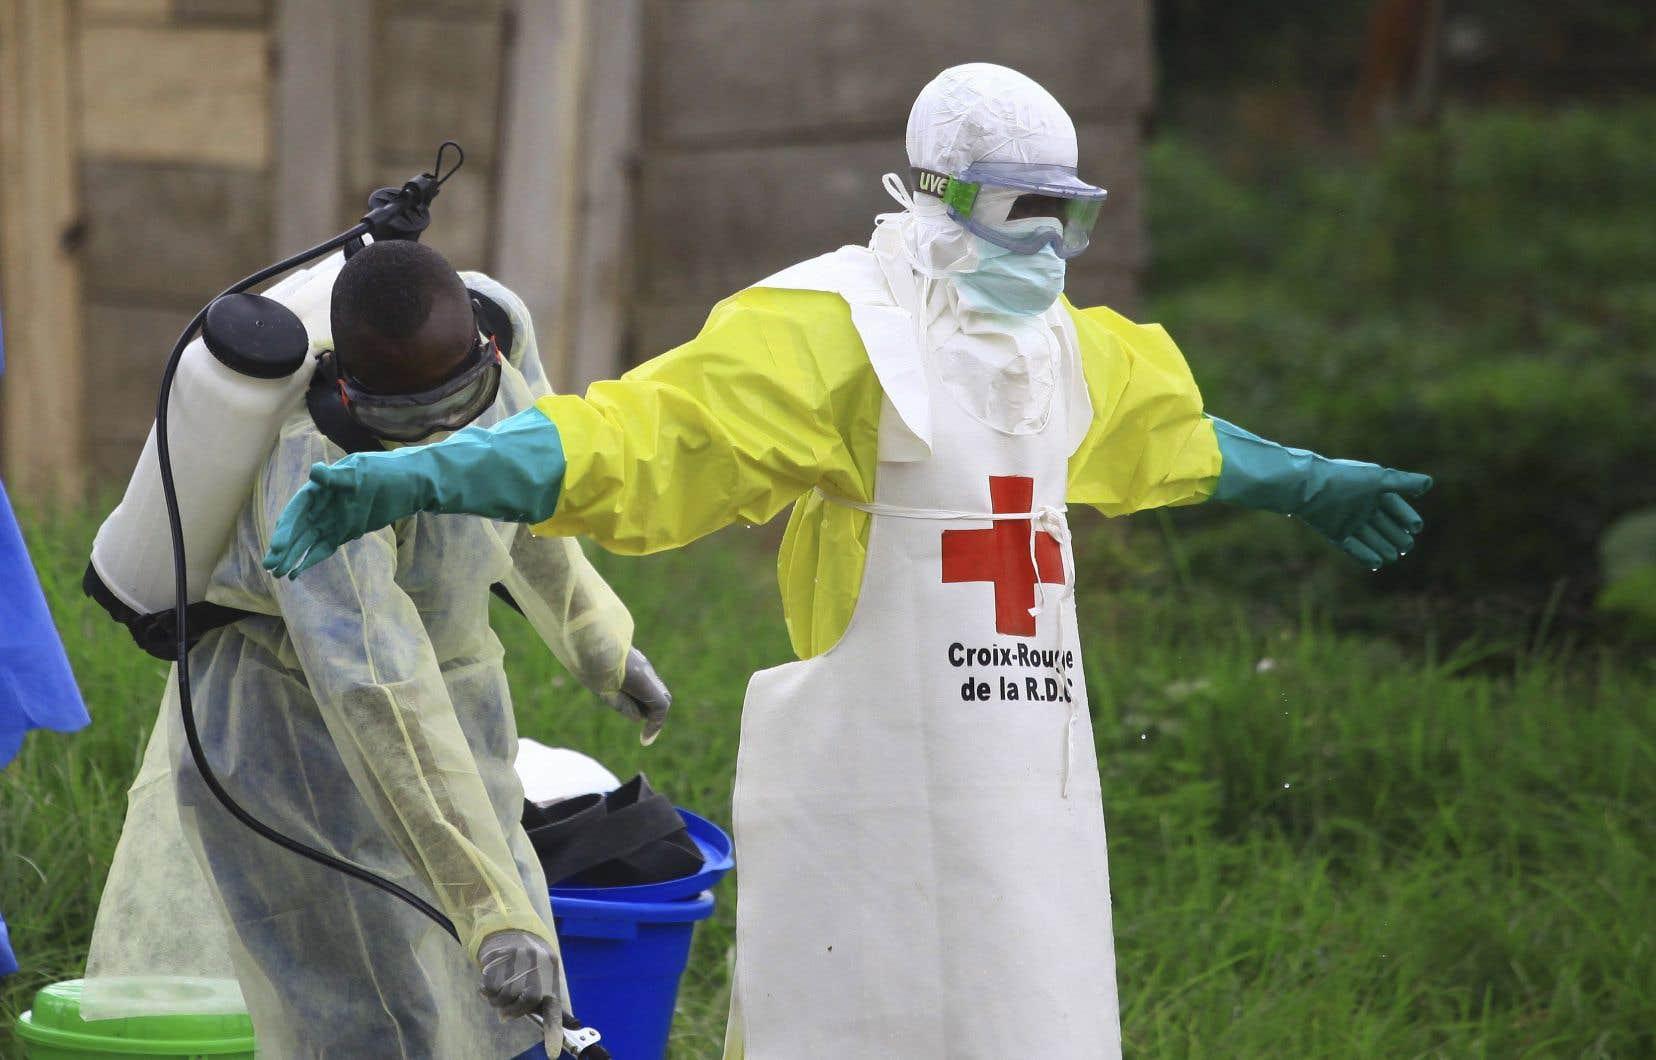 La plus récente éclosion de l'Ebola est la deuxième plus meurtrière de l'histoire | Le Devoir